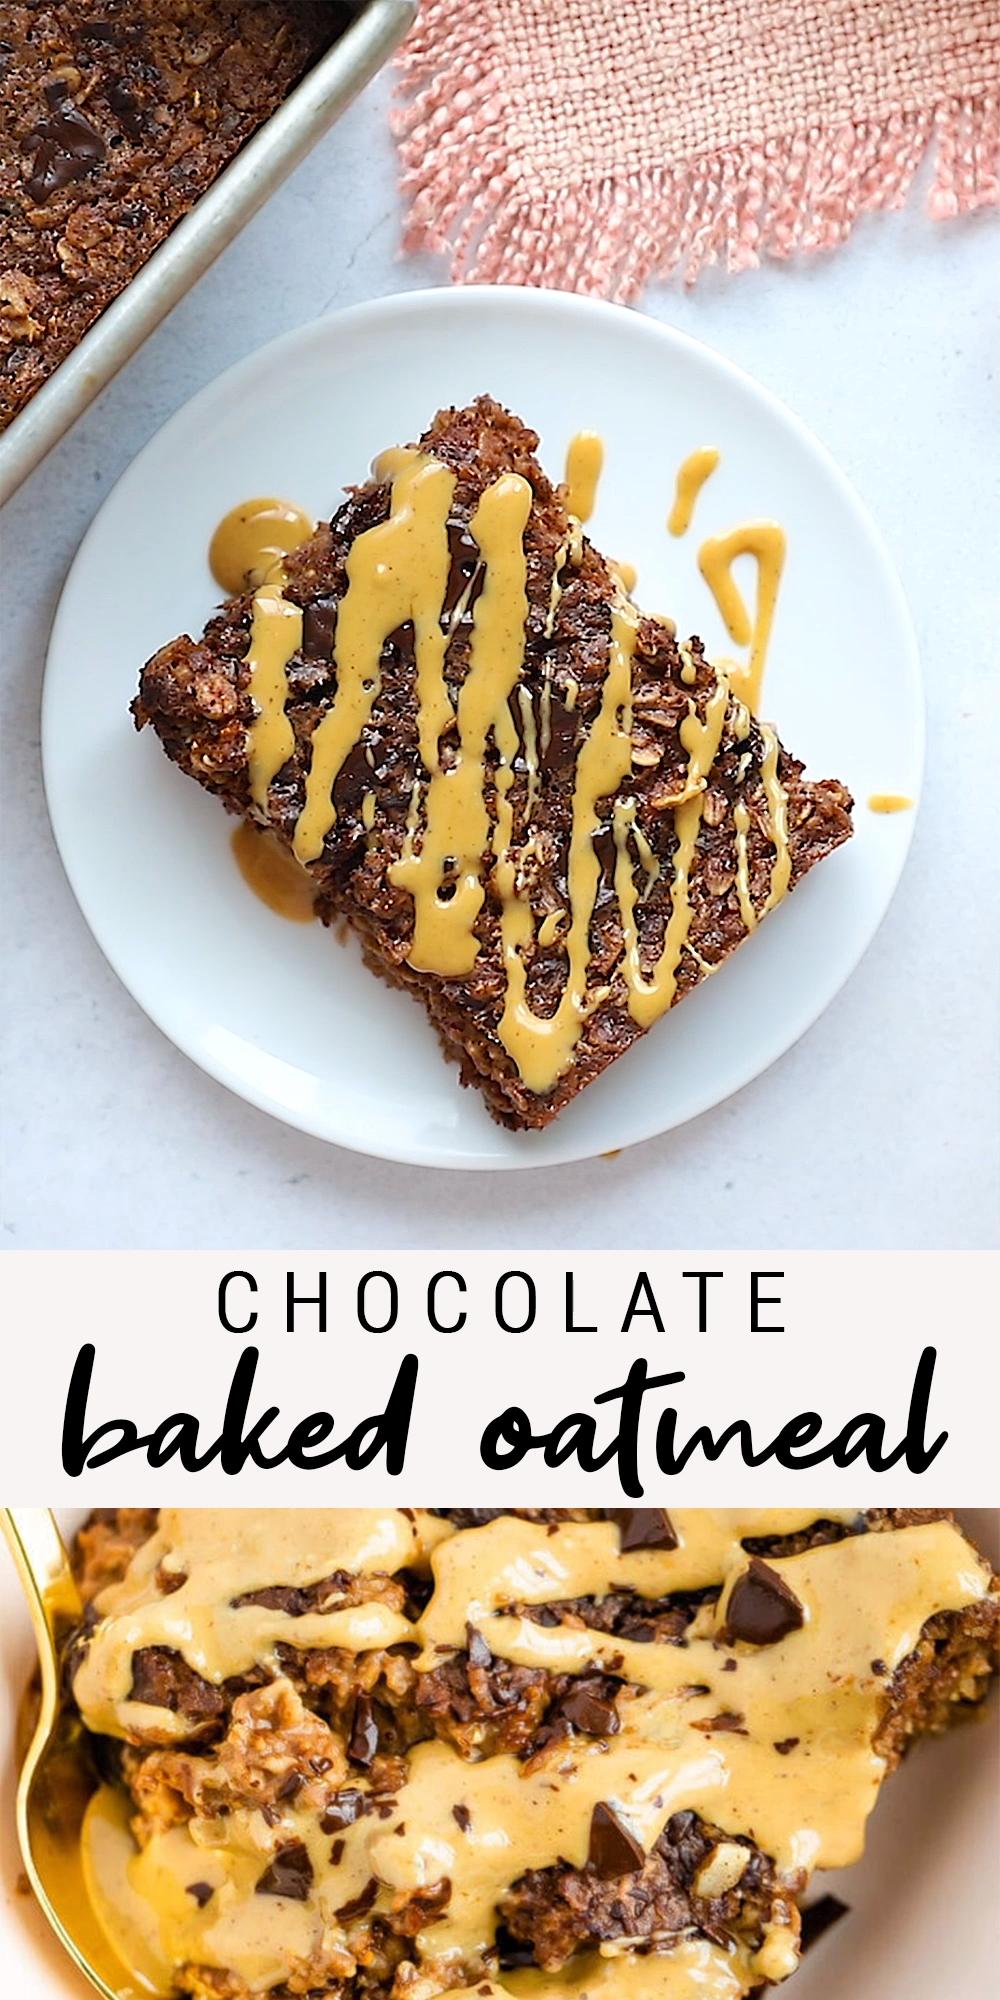 Photo of Gesunde Schokoladen-Erdnussbutter Gebackene Haferflocken | Vegan + glutenfrei